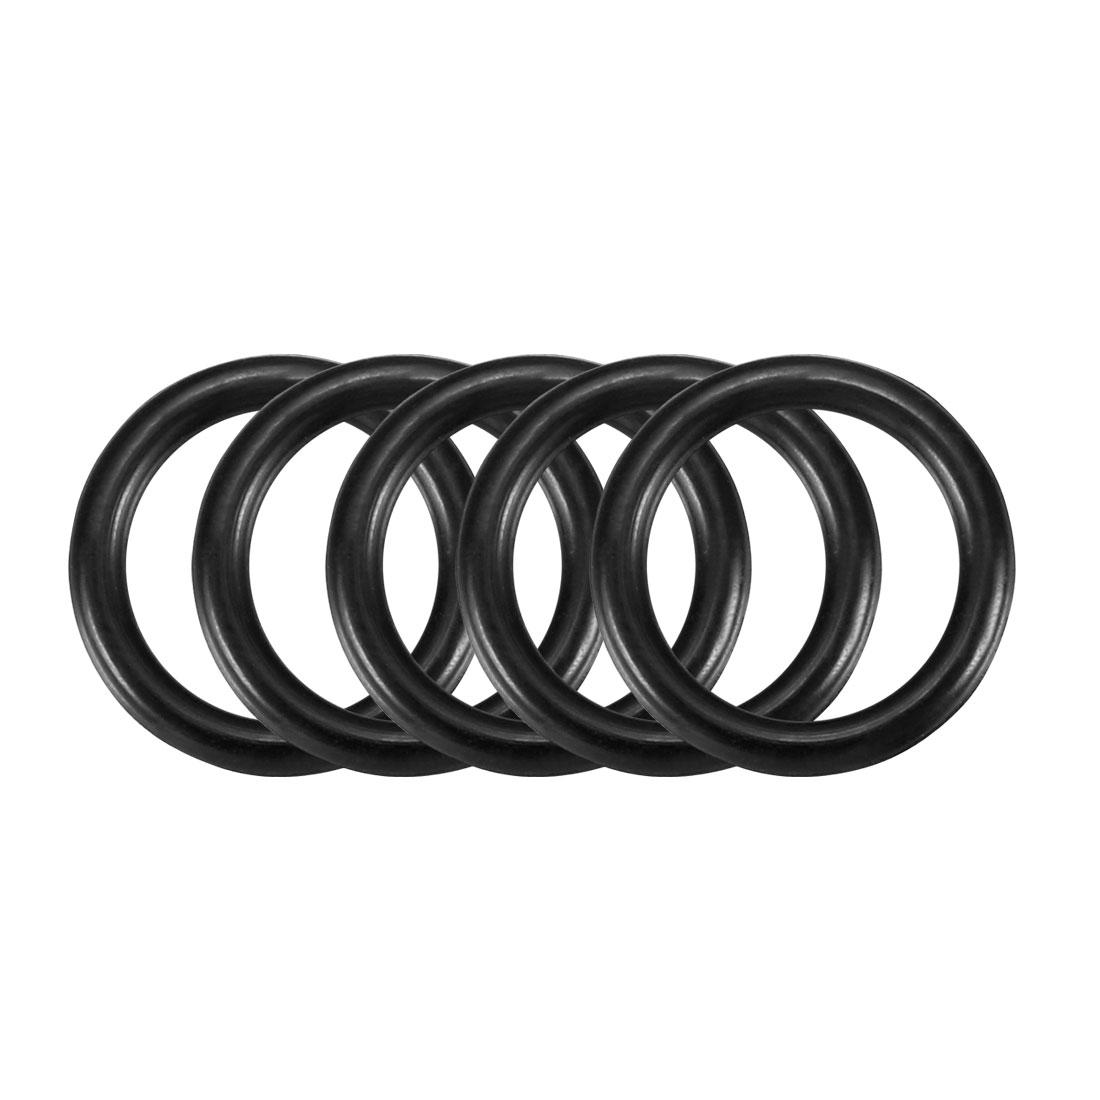 30pcs Black Nitrile Butadiene Rubber NBR O-Ring 8.5mm Inner Dia 1.5mm Width